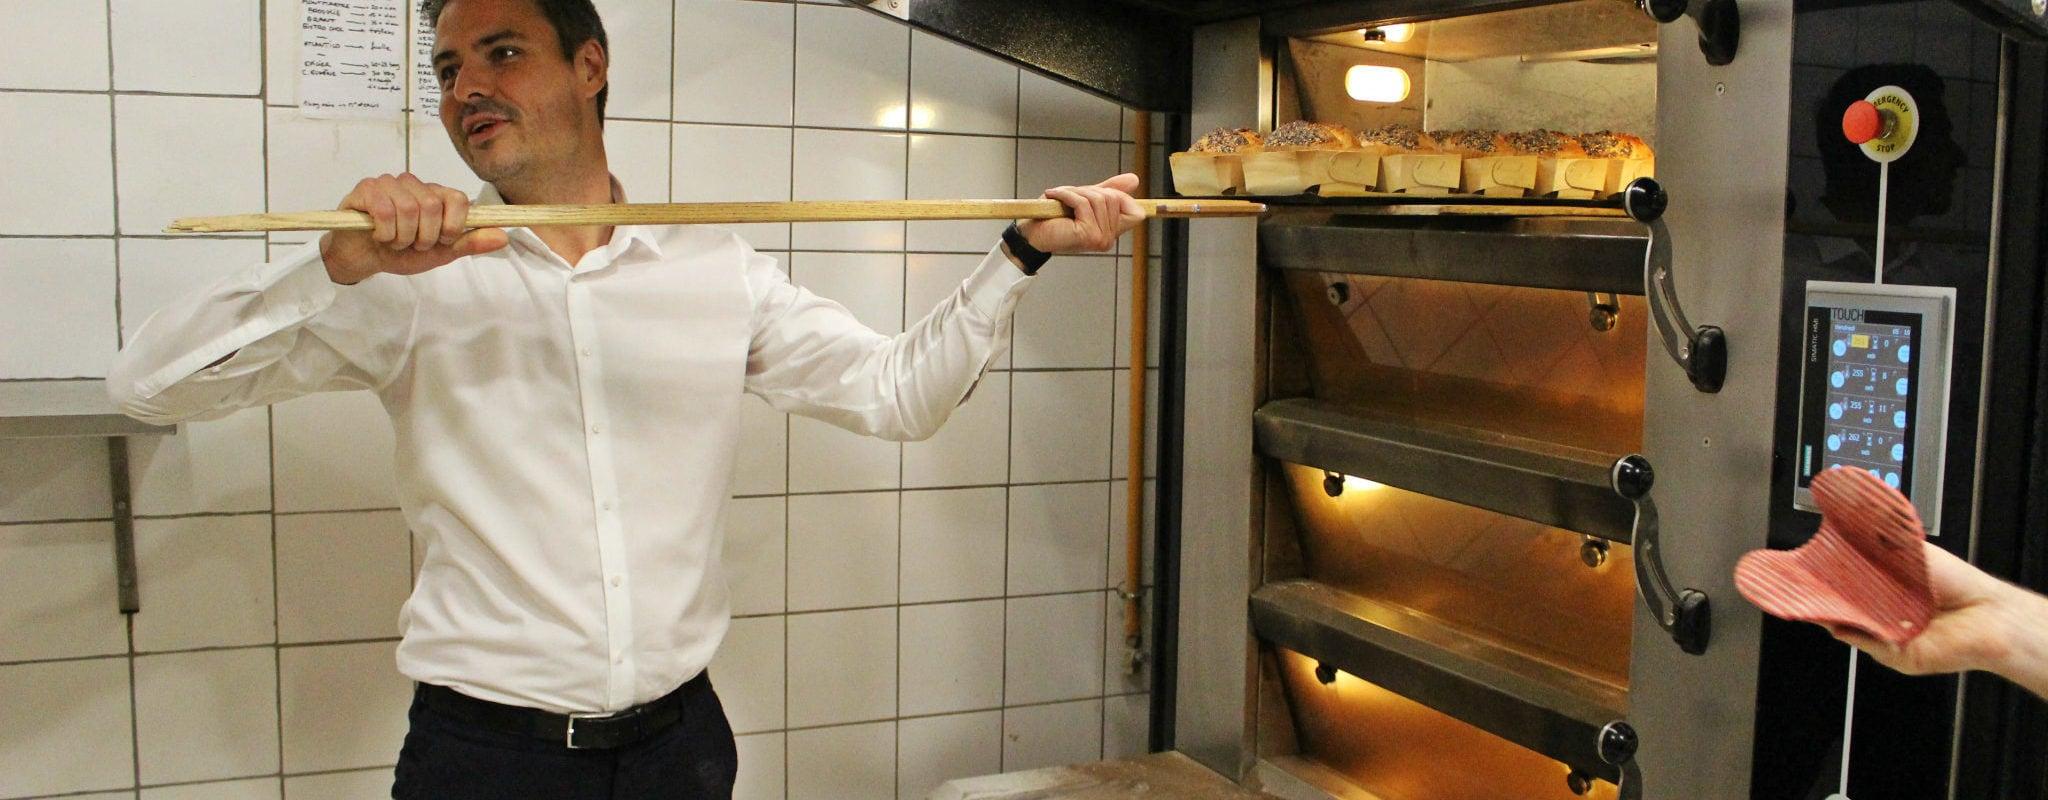 Municipales : Le candidat Jean-Philippe Vetter en boulanger pour lancer une journée de campagne